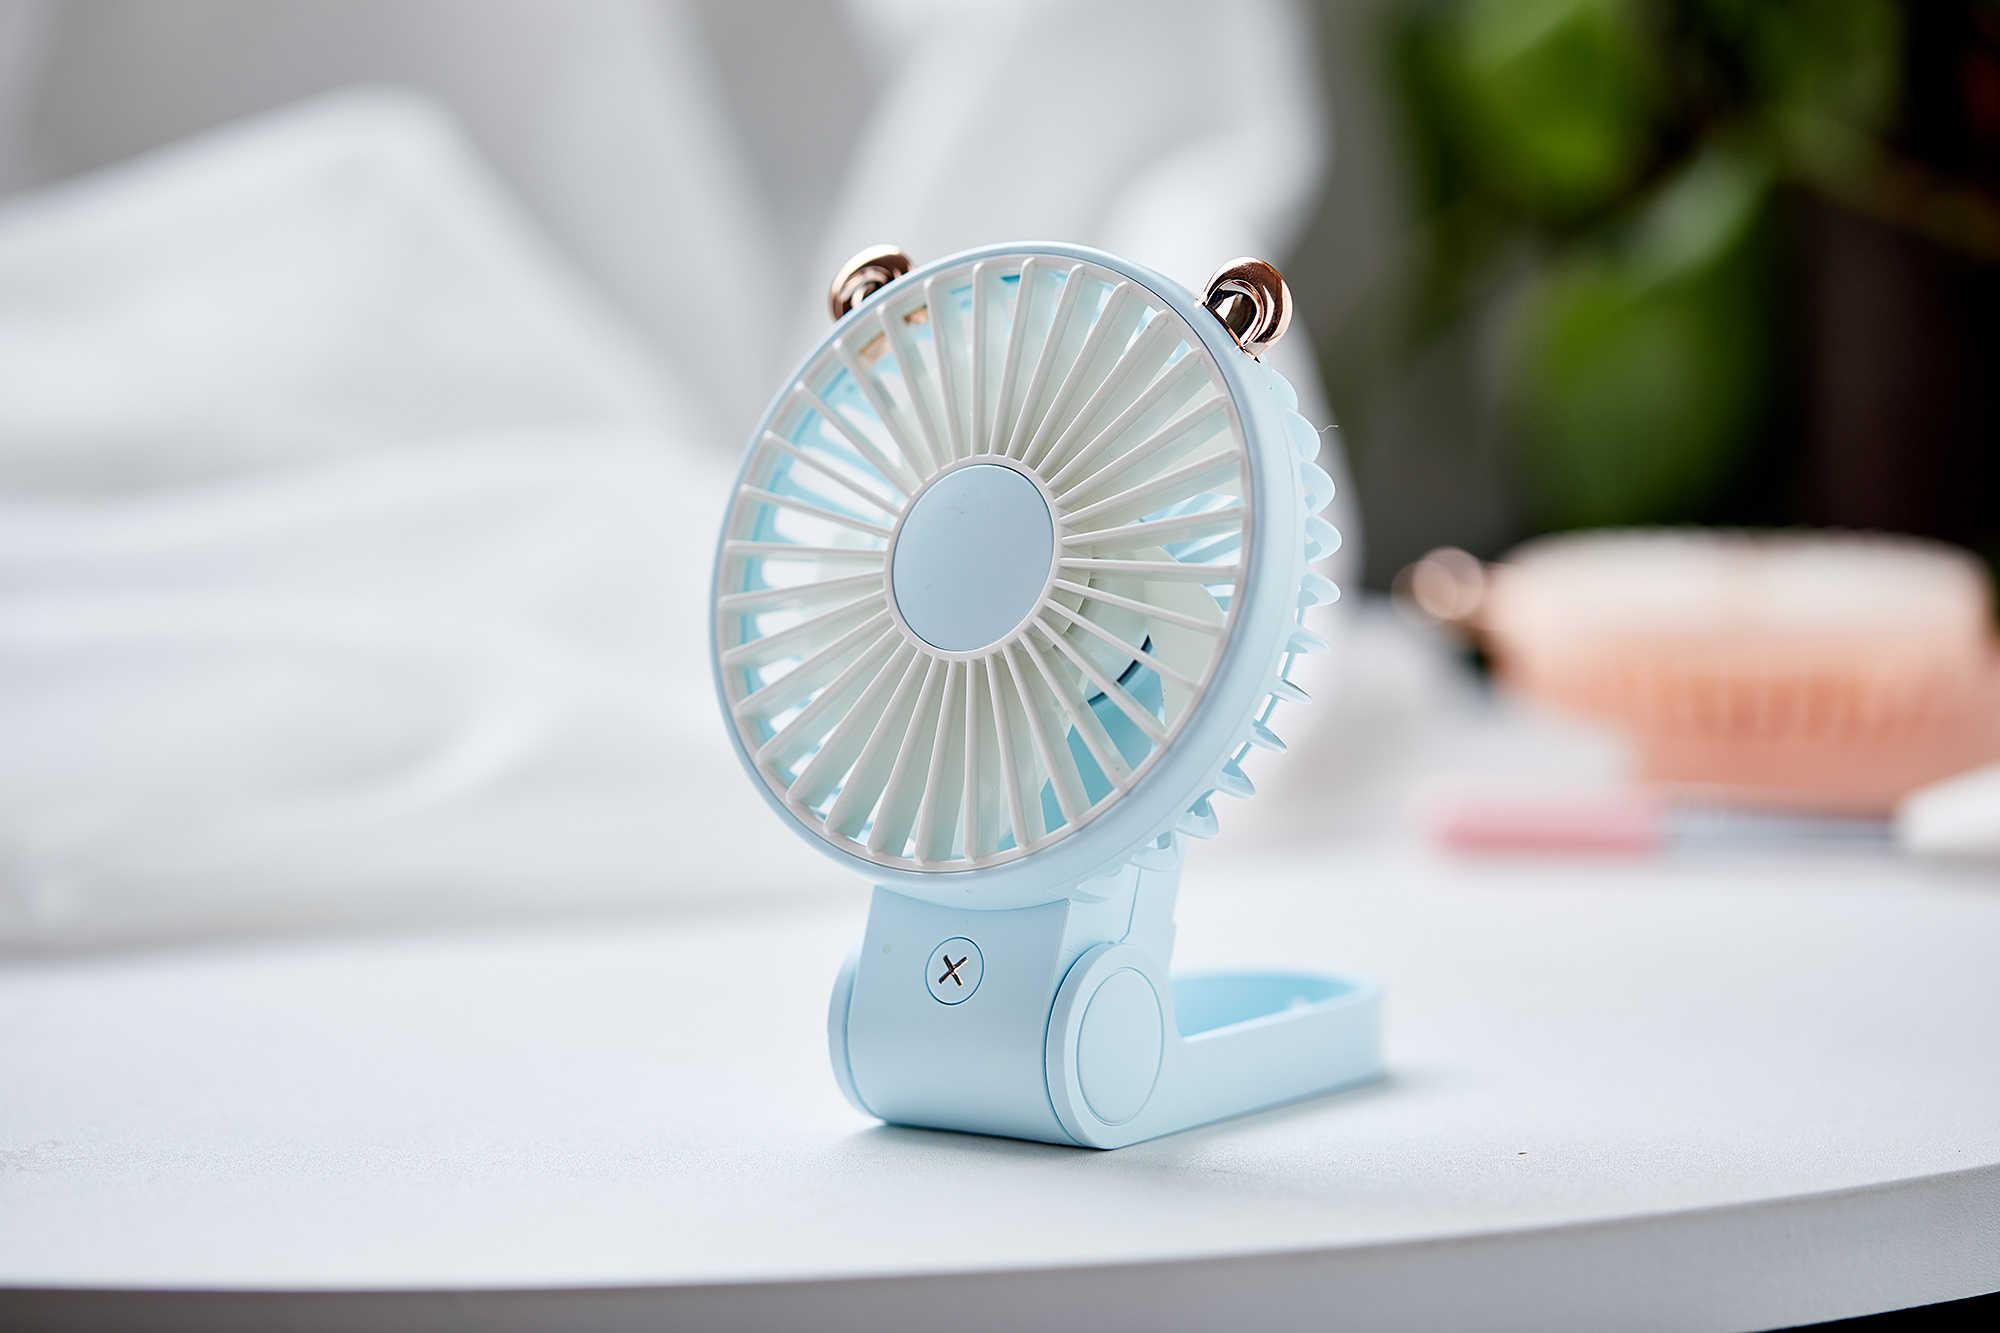 空气循环扇跟普通风扇有什么区别_空气循环扇跟普通风扇哪个好